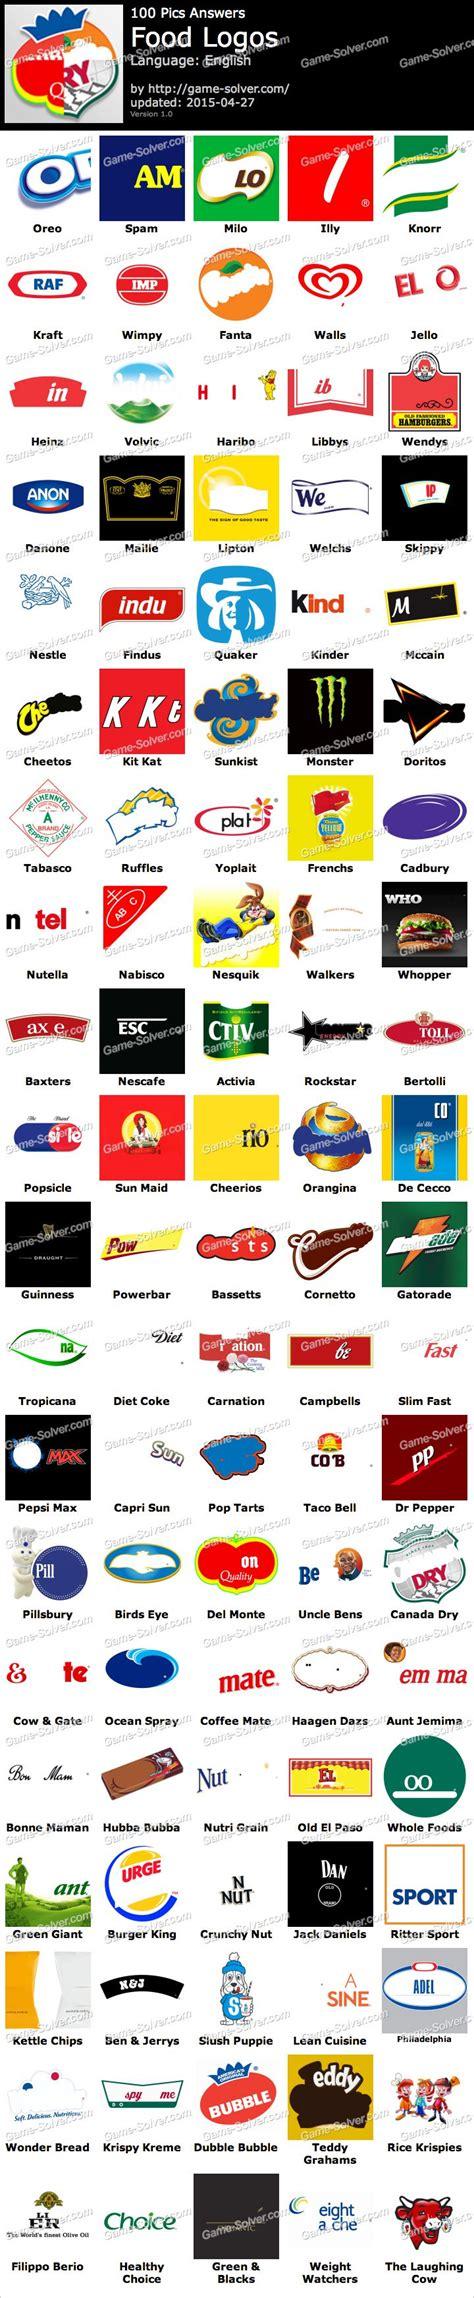 100 pics solution cuisine 100 pics food logos solver